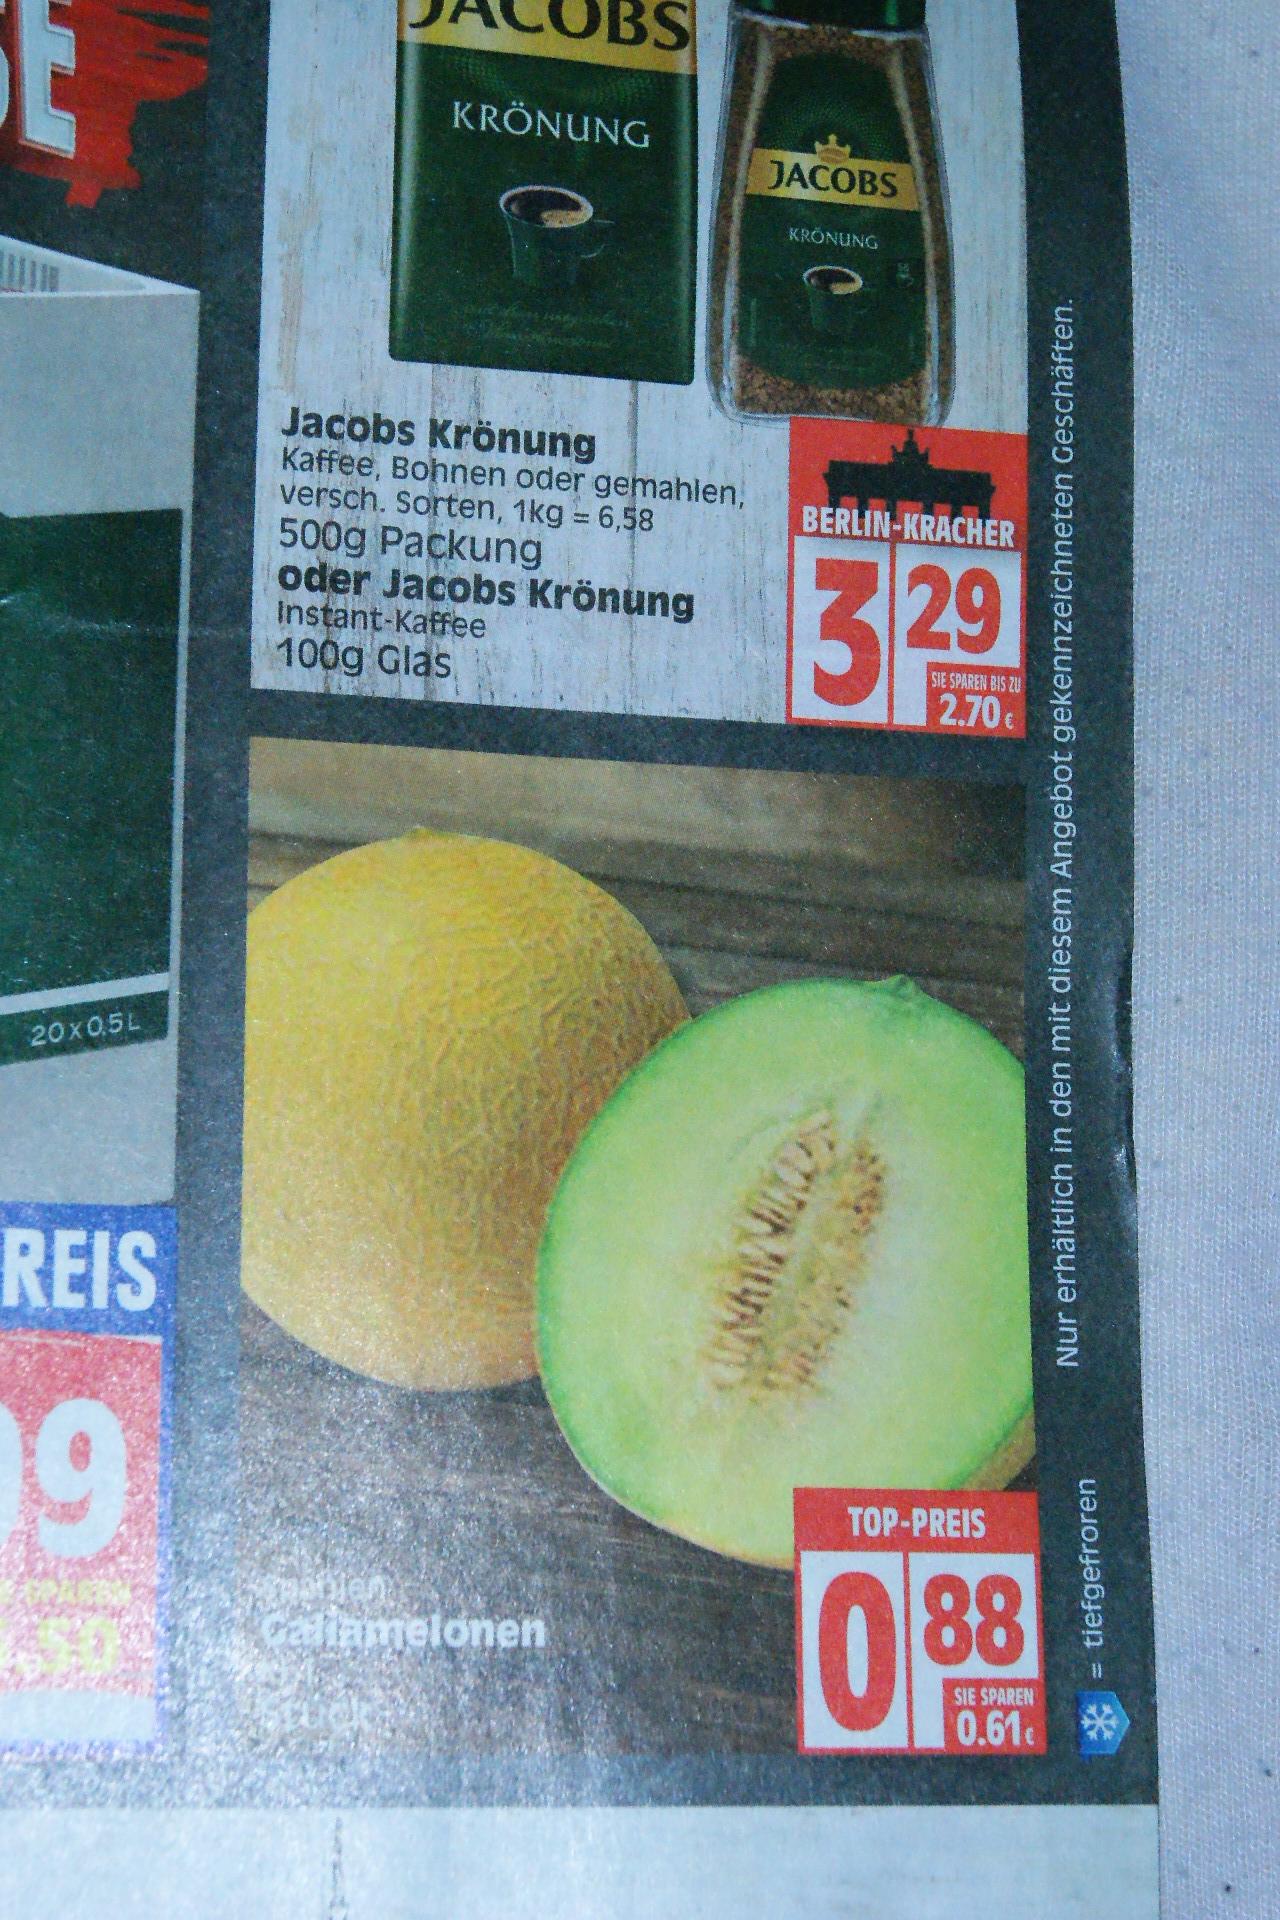 Galia Melonen für 88 Cent bei Edeka ab 22.7.